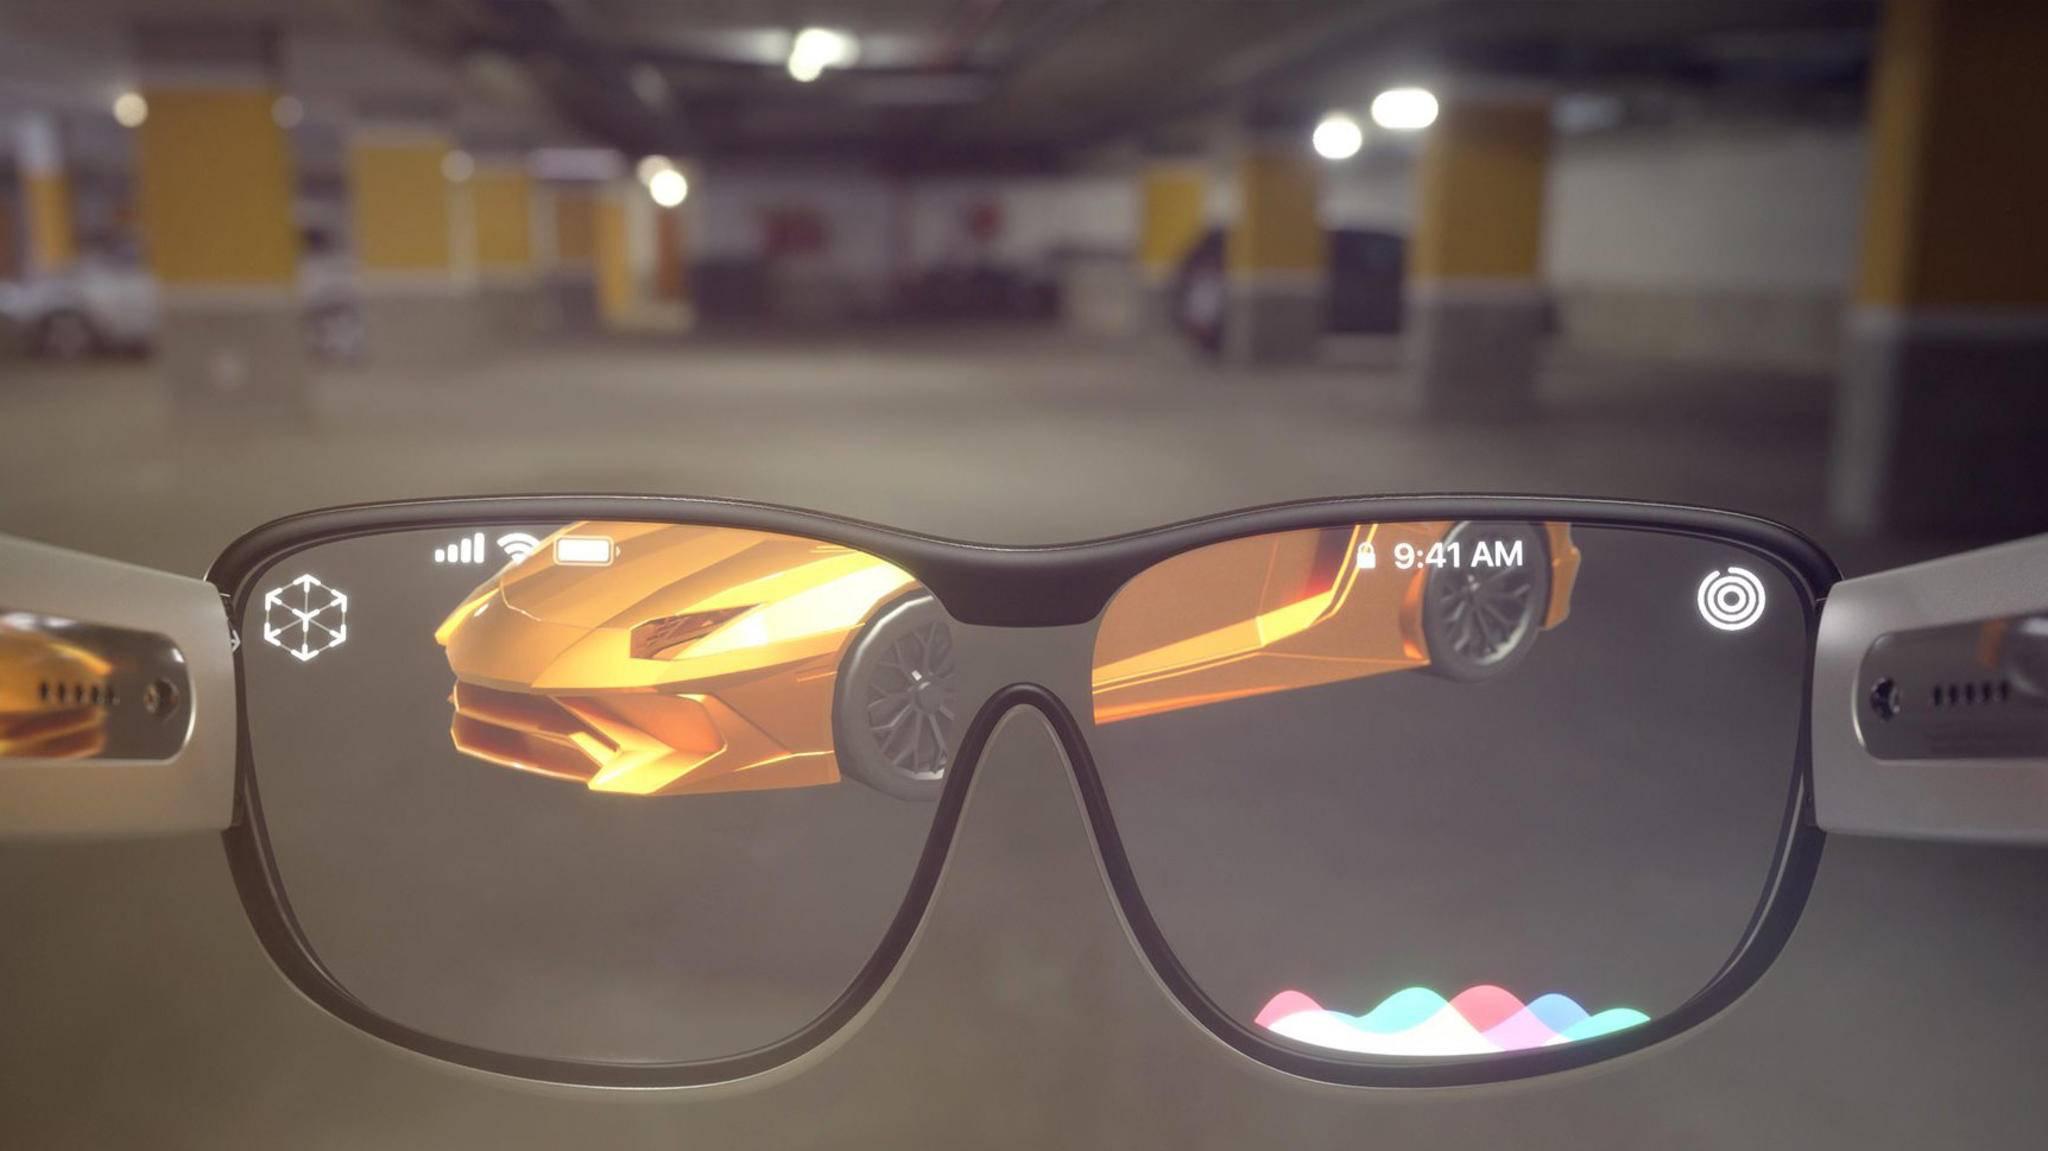 Apple-Vertreter sollen auf der CES 2019 Gespräche mit Zulieferern von AR-Technik geführt haben.